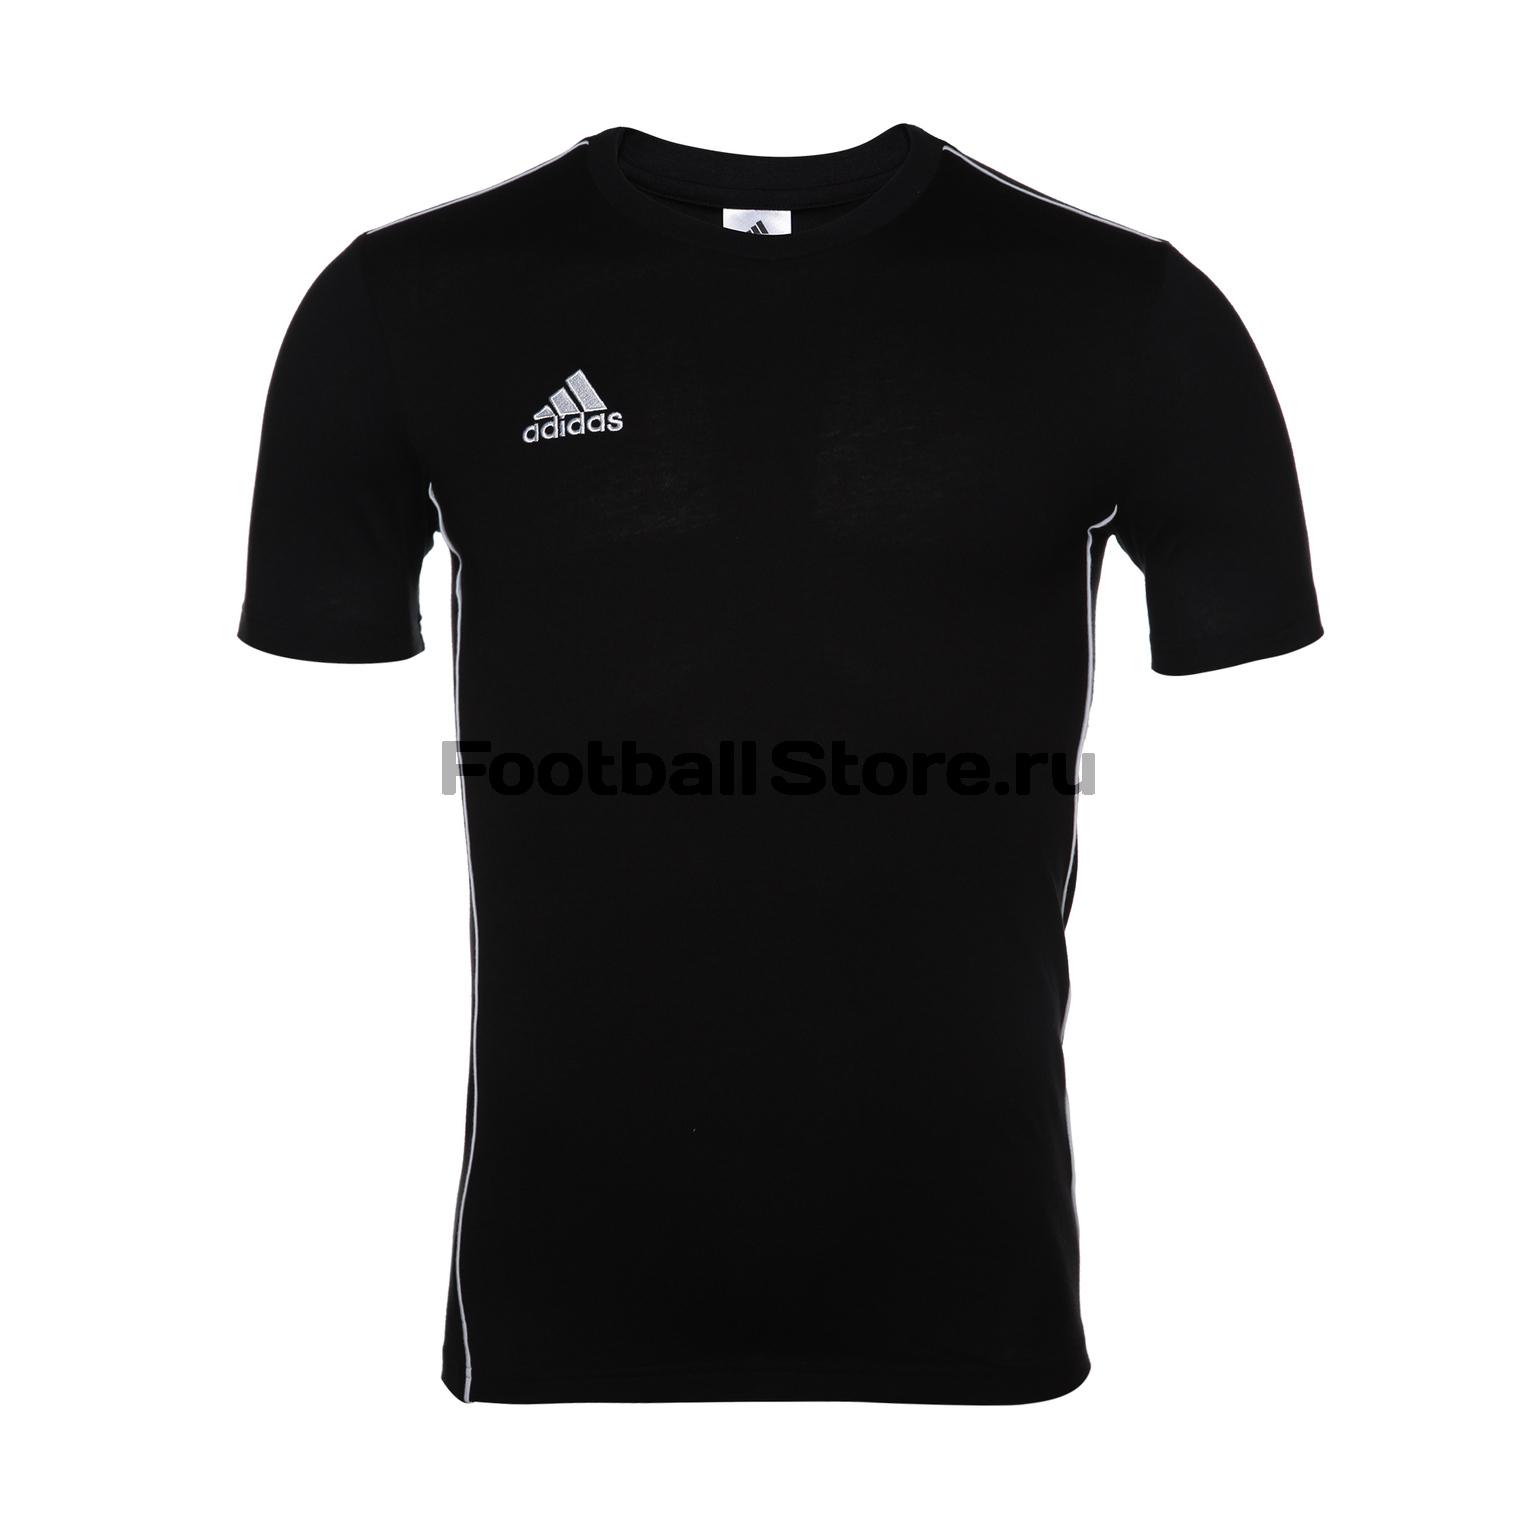 Футболка тренировочная Adidas Core18 Tee CE9063 футболка adidas футболка stu clima tee